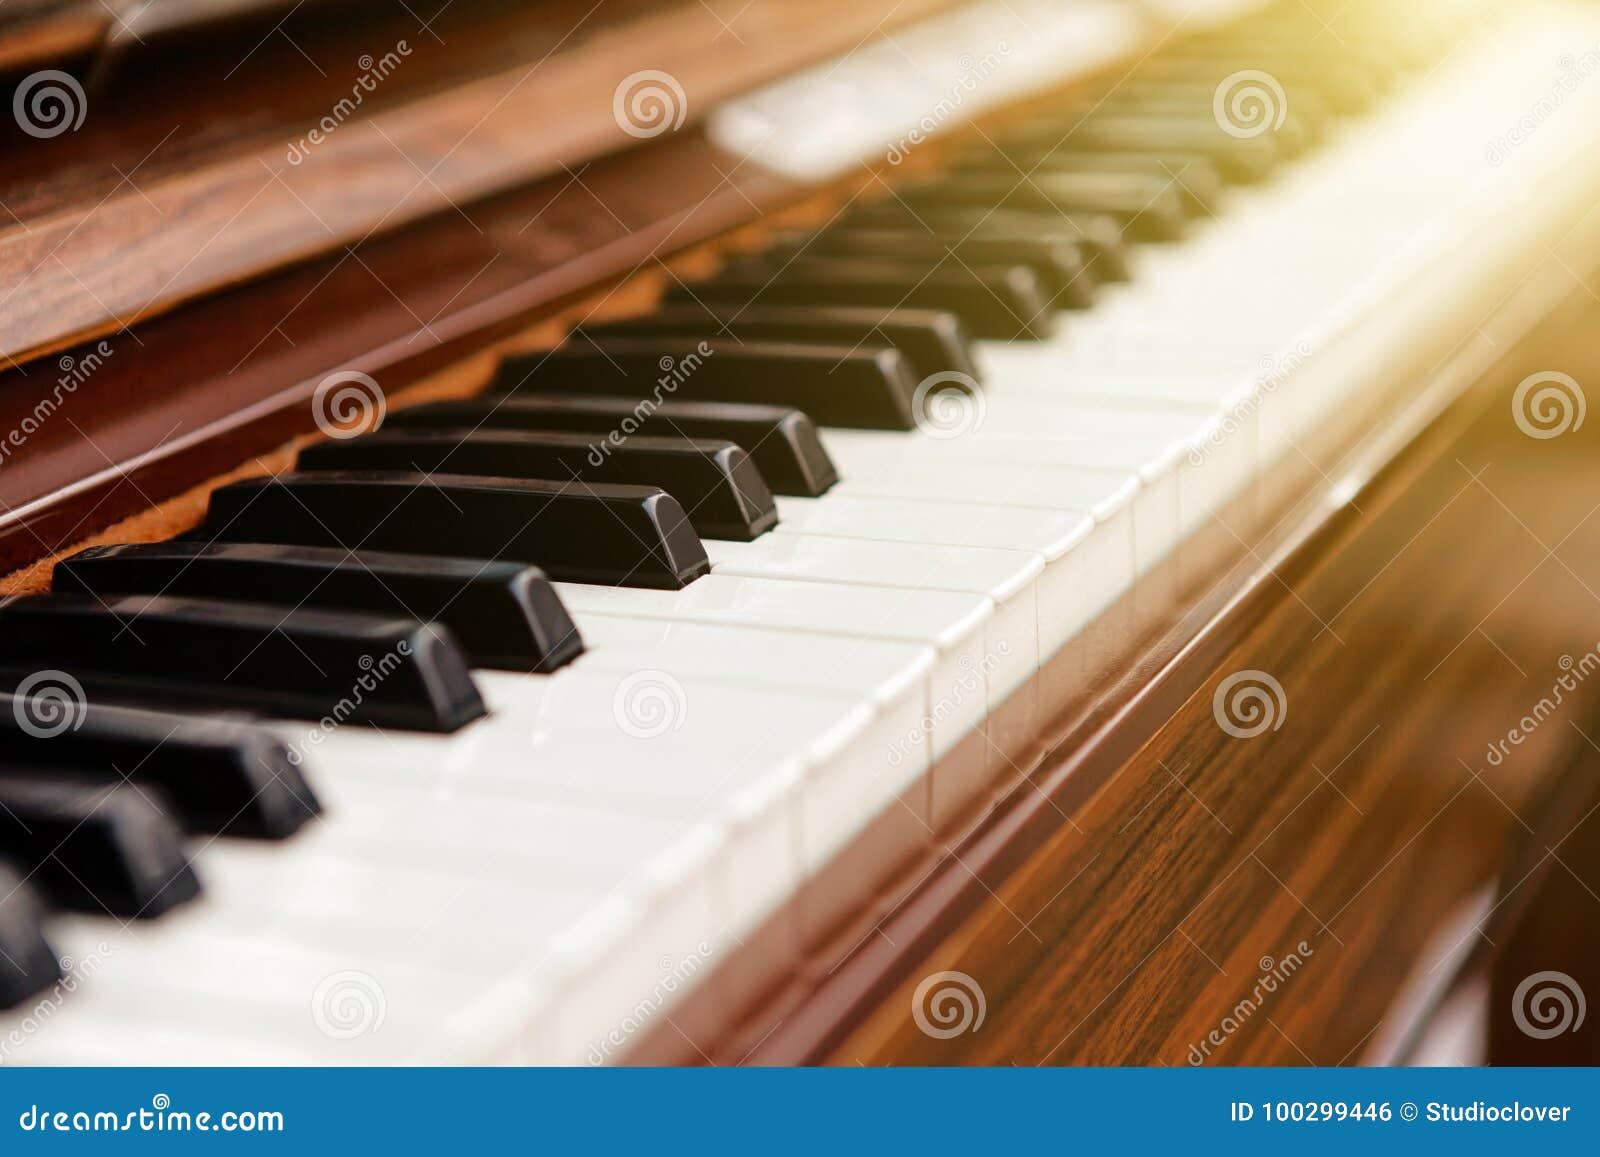 Klassiskt piano för brun färg med svartvita tangenter